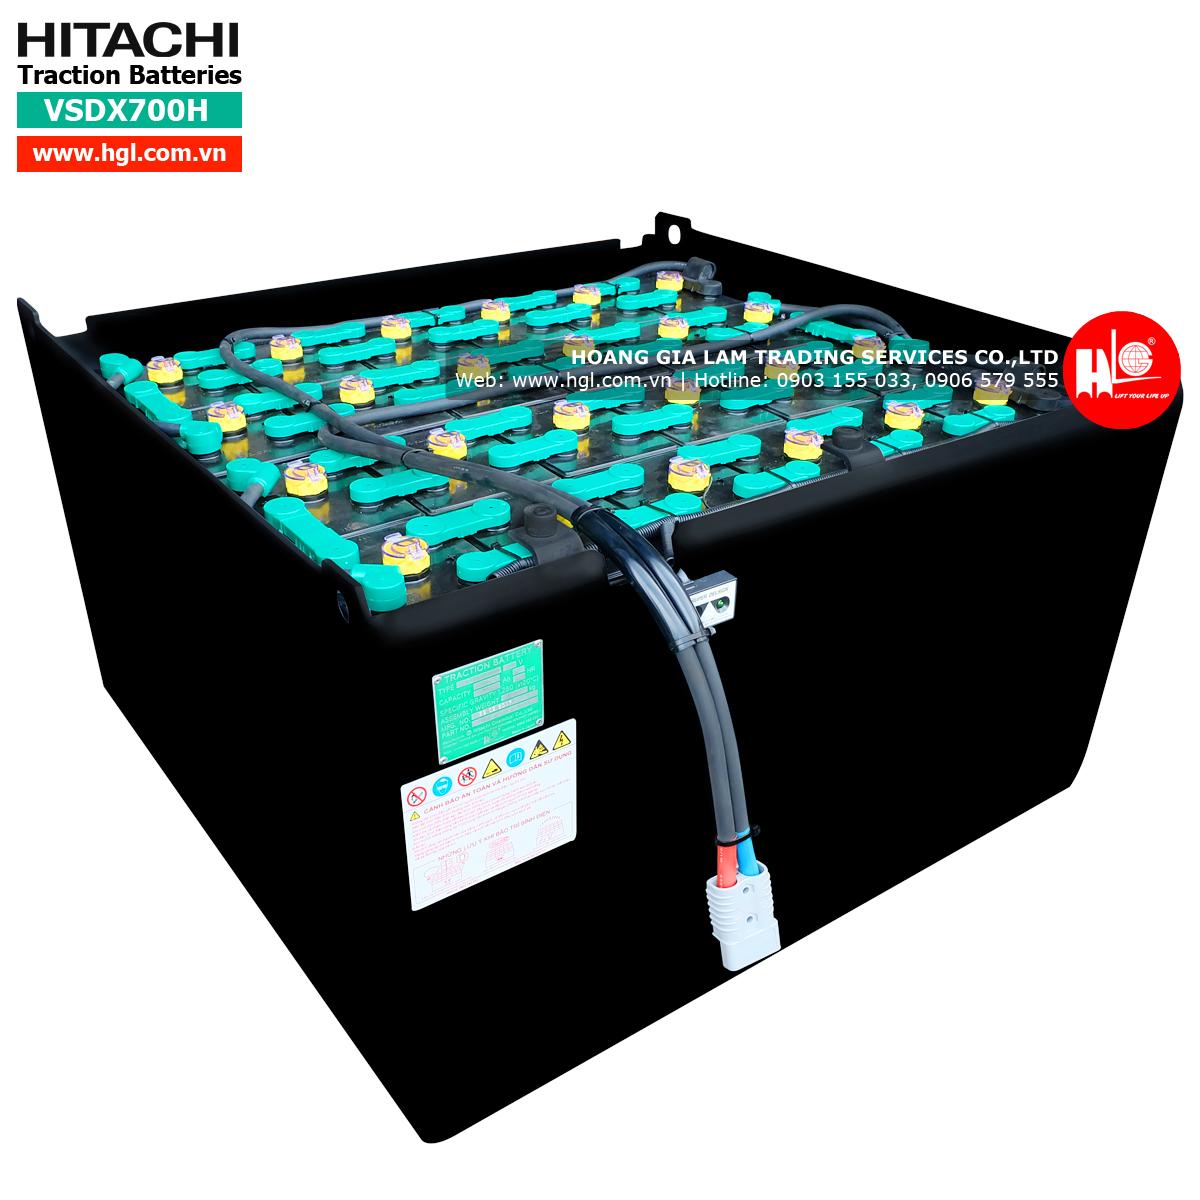 binh-dien-xe-nang-hitachi-700ah-VSDX700H-1